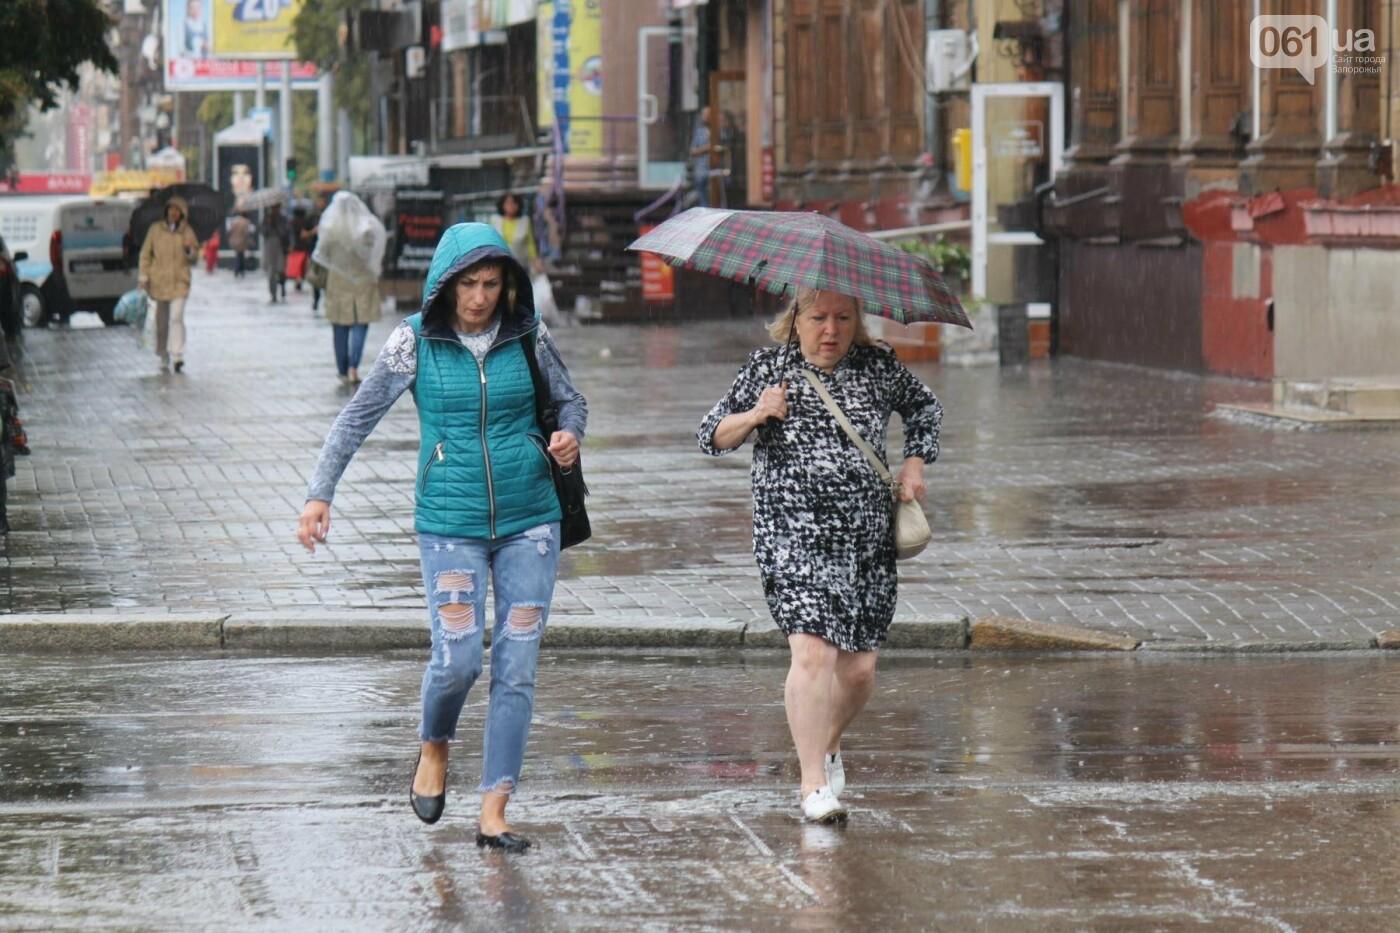 Запорожье накрыл мощный ливень: улицы затопило, люди насквозь промокли, – ФОТОРЕПОРТАЖ, фото-12